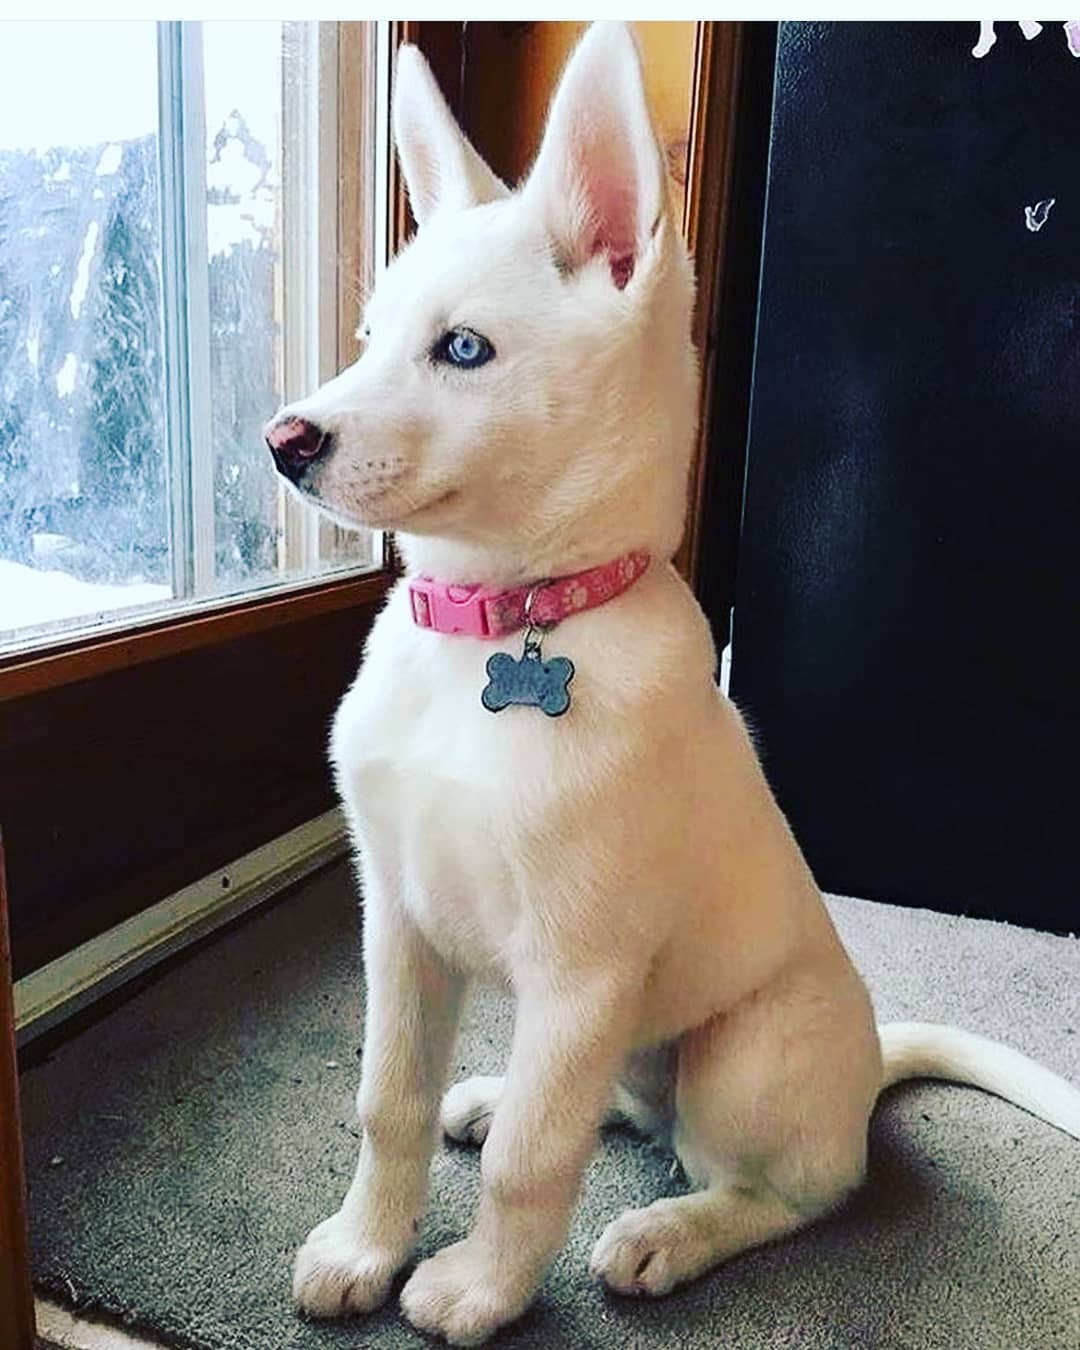 Phương pháp huấn luyện chó Husky đi vệ sinh đúng chỗ ngoài trời